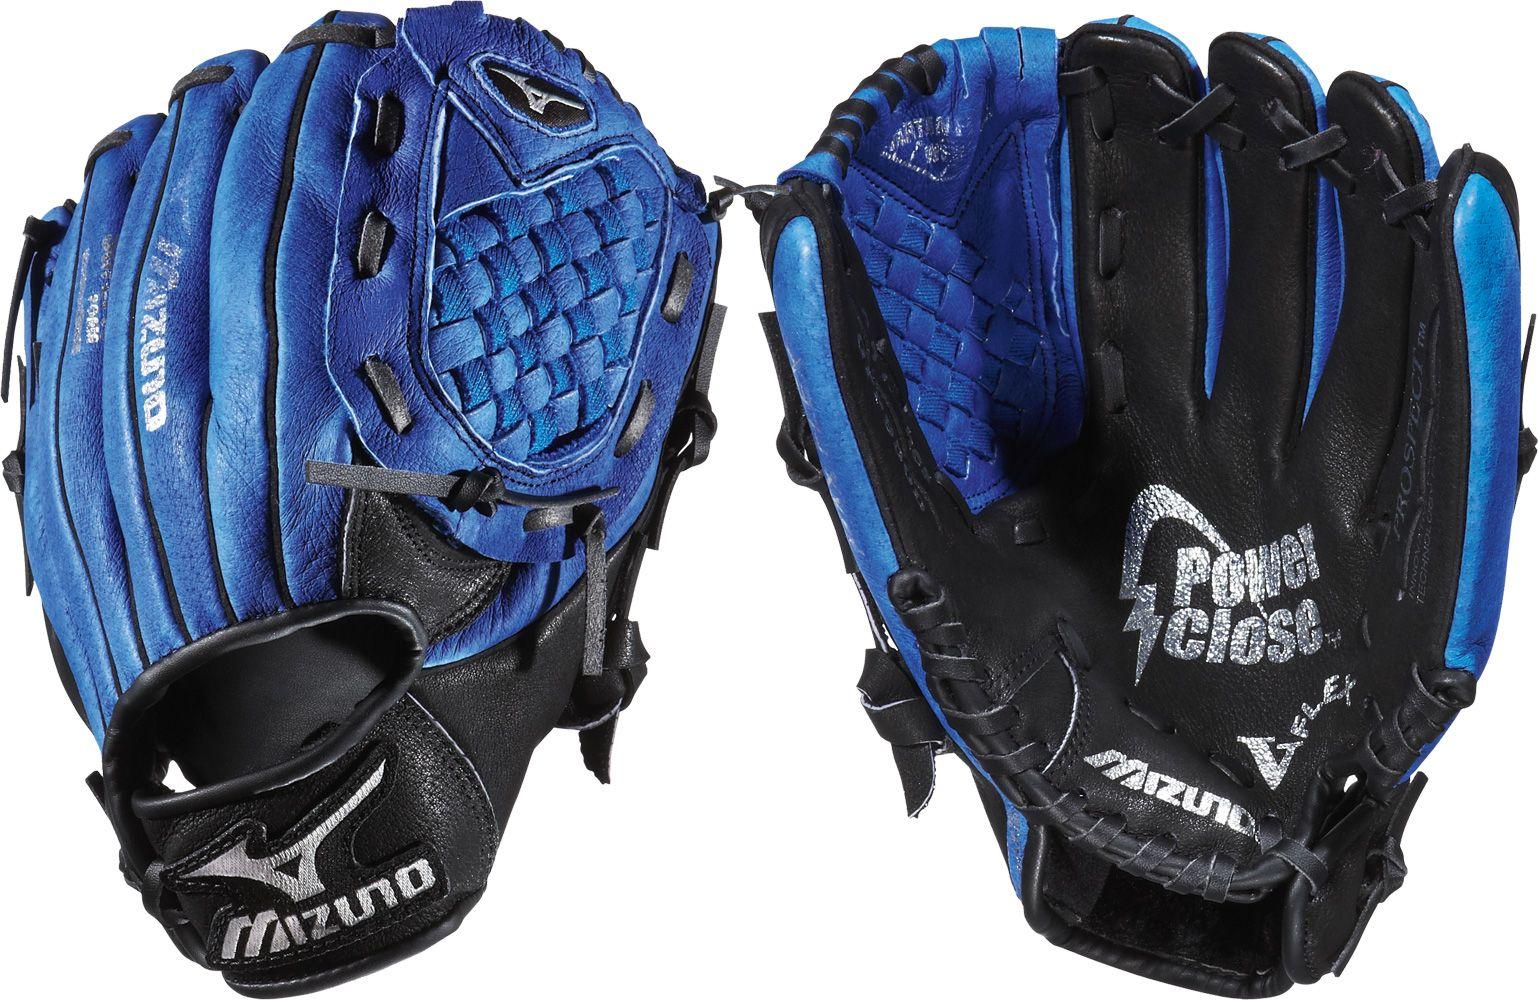 Mens outfield gloves - Noimagefound